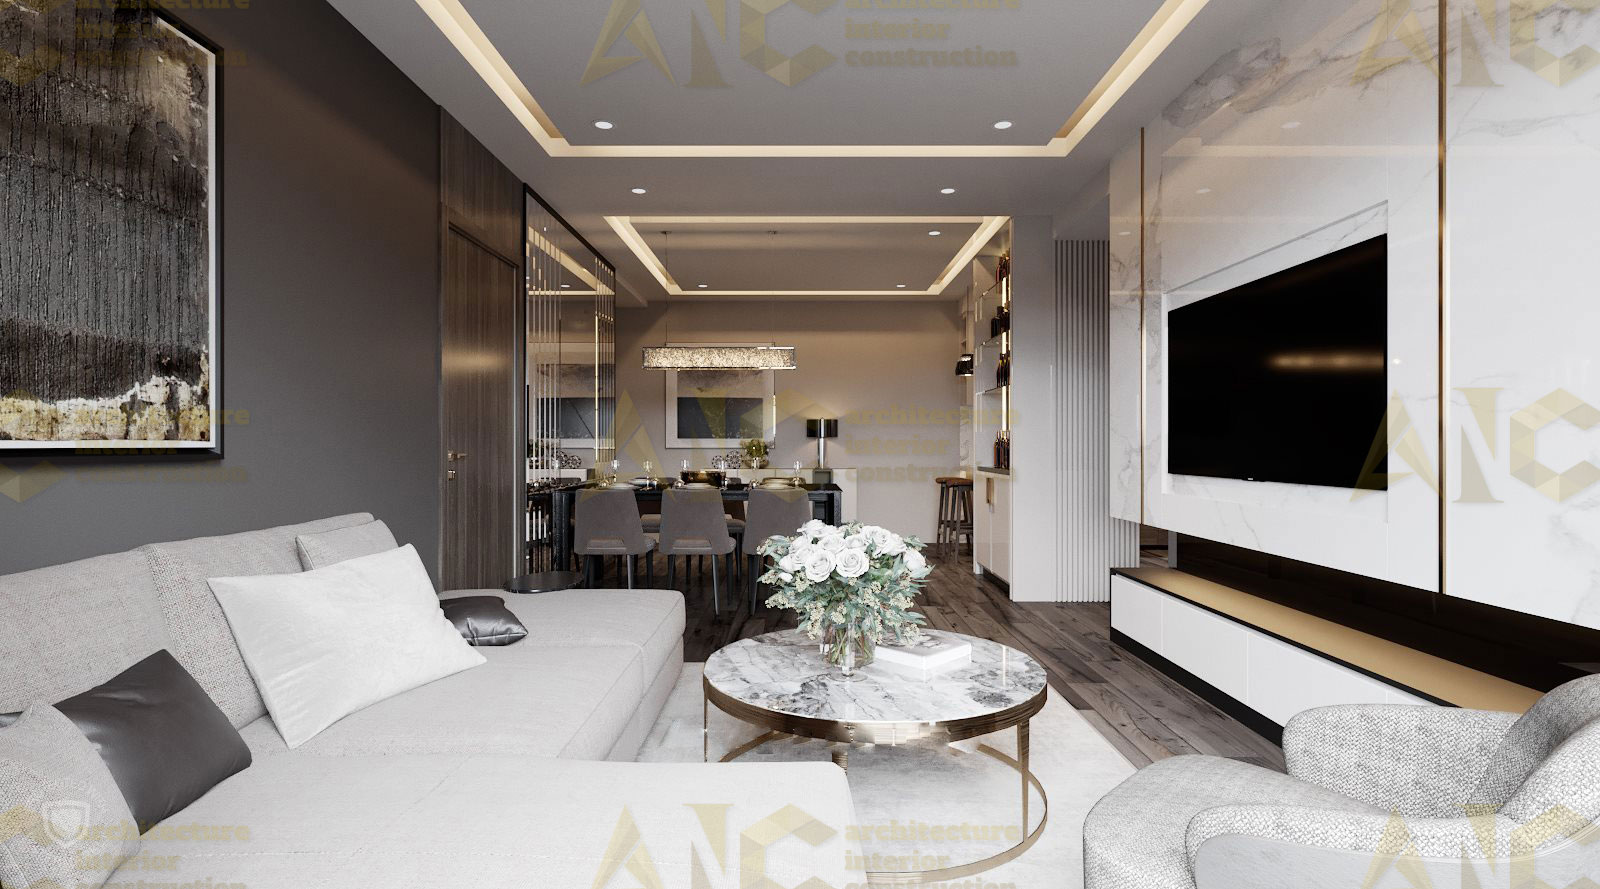 Thiết kế nội thất căn n11 Sài Gòn Mia- phòng khách view 2.1